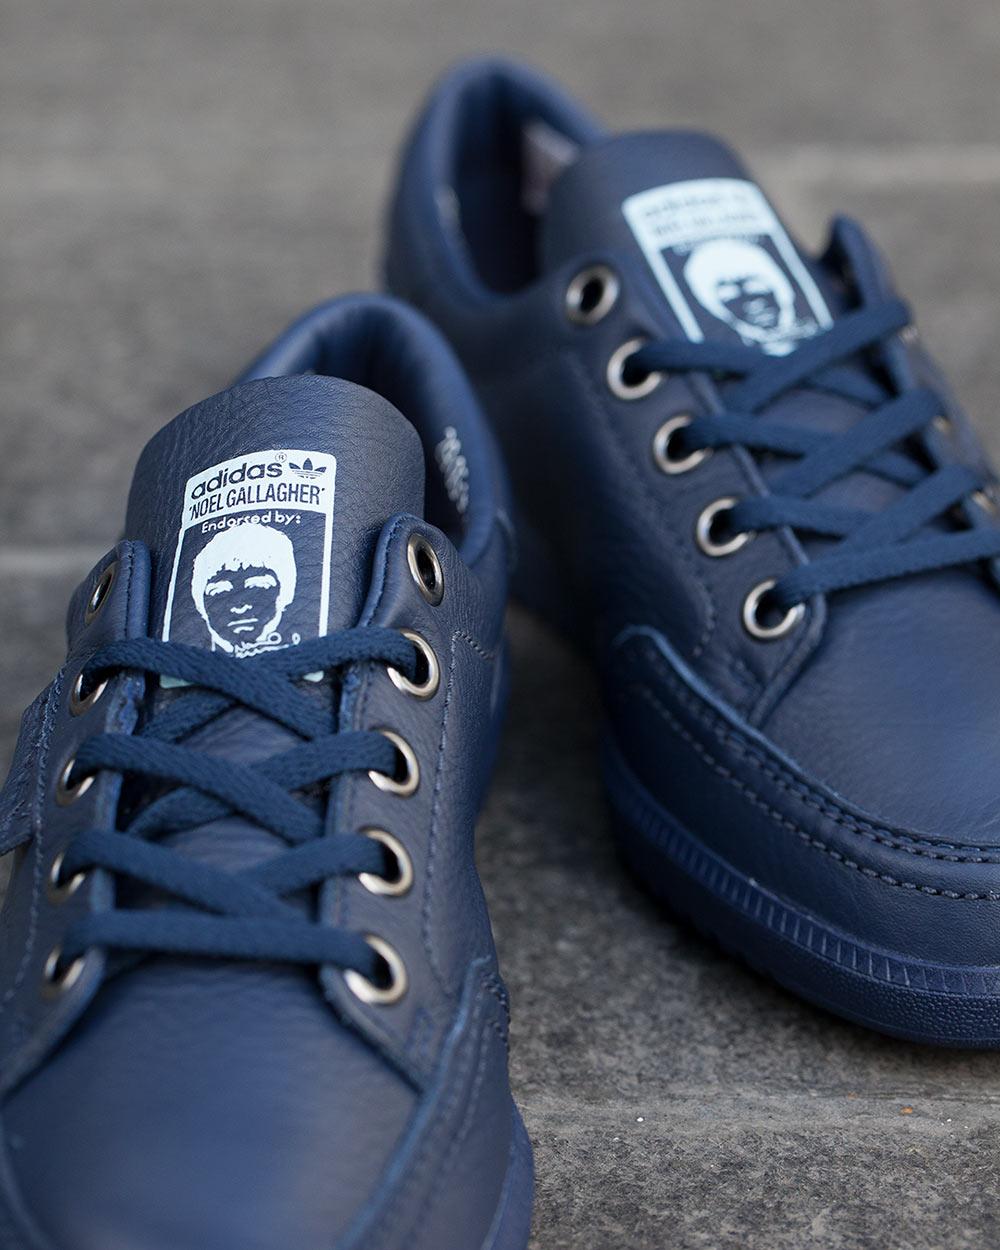 703f856dd19 Adidas Garwen SPZL x Noel Gallagher INSTORE DETAILS  adidas Garwen SPZL  adidas  Spezial ...